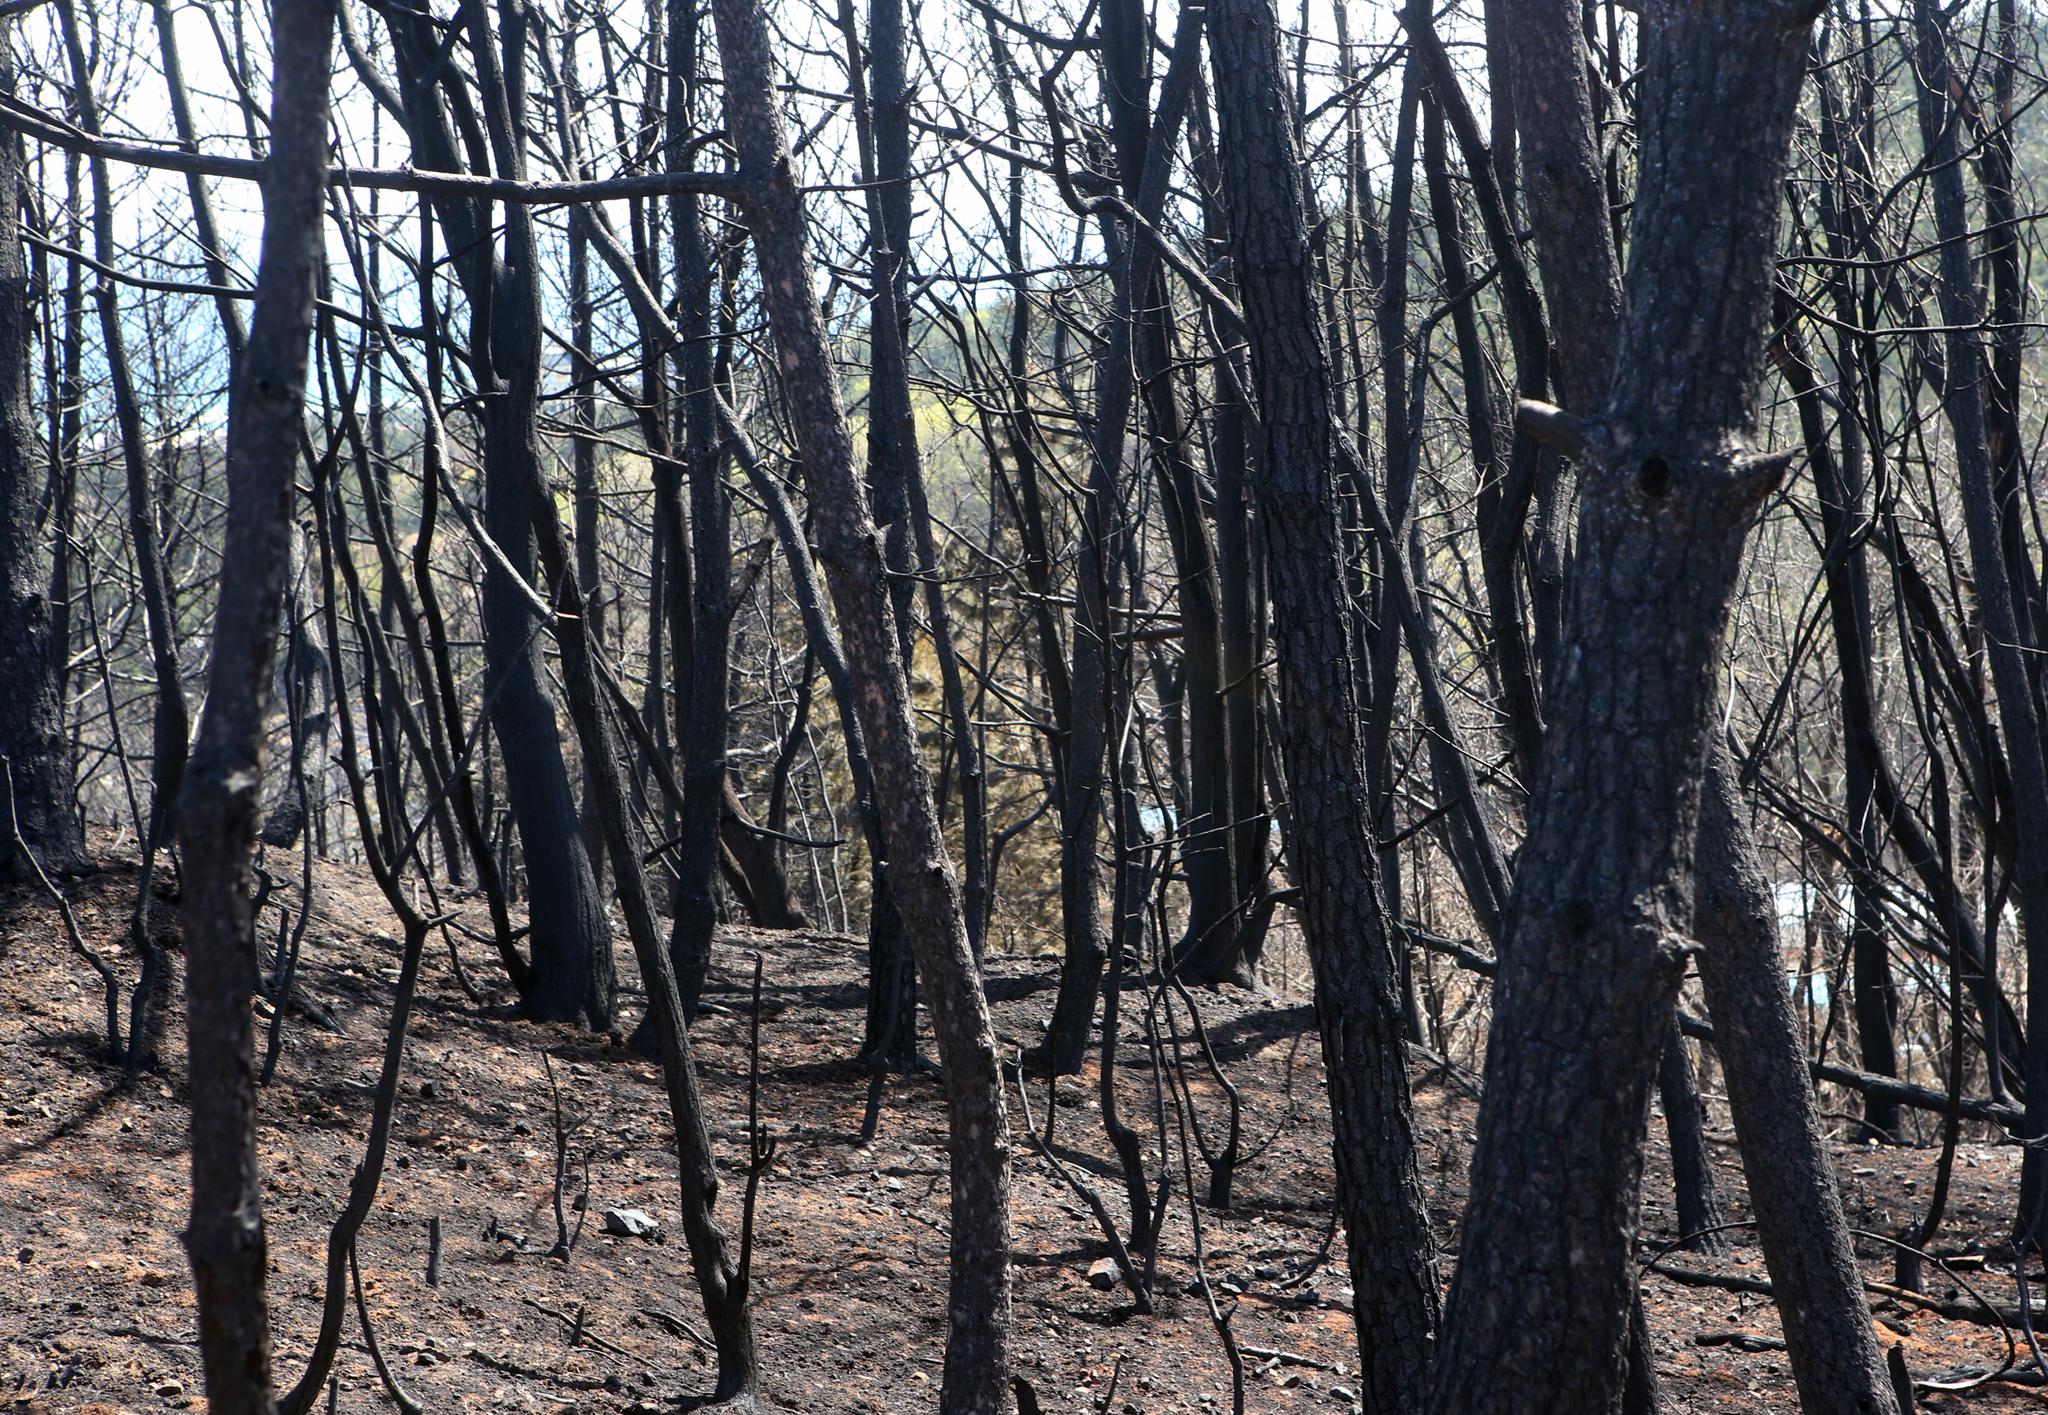 최근 산불이 발생한 강원 동해시 망상동의 소나무 숲이 숯덩이로 변했다. 소나무는 아름답기는 하지만 산불에 취약하다. [연합뉴스]